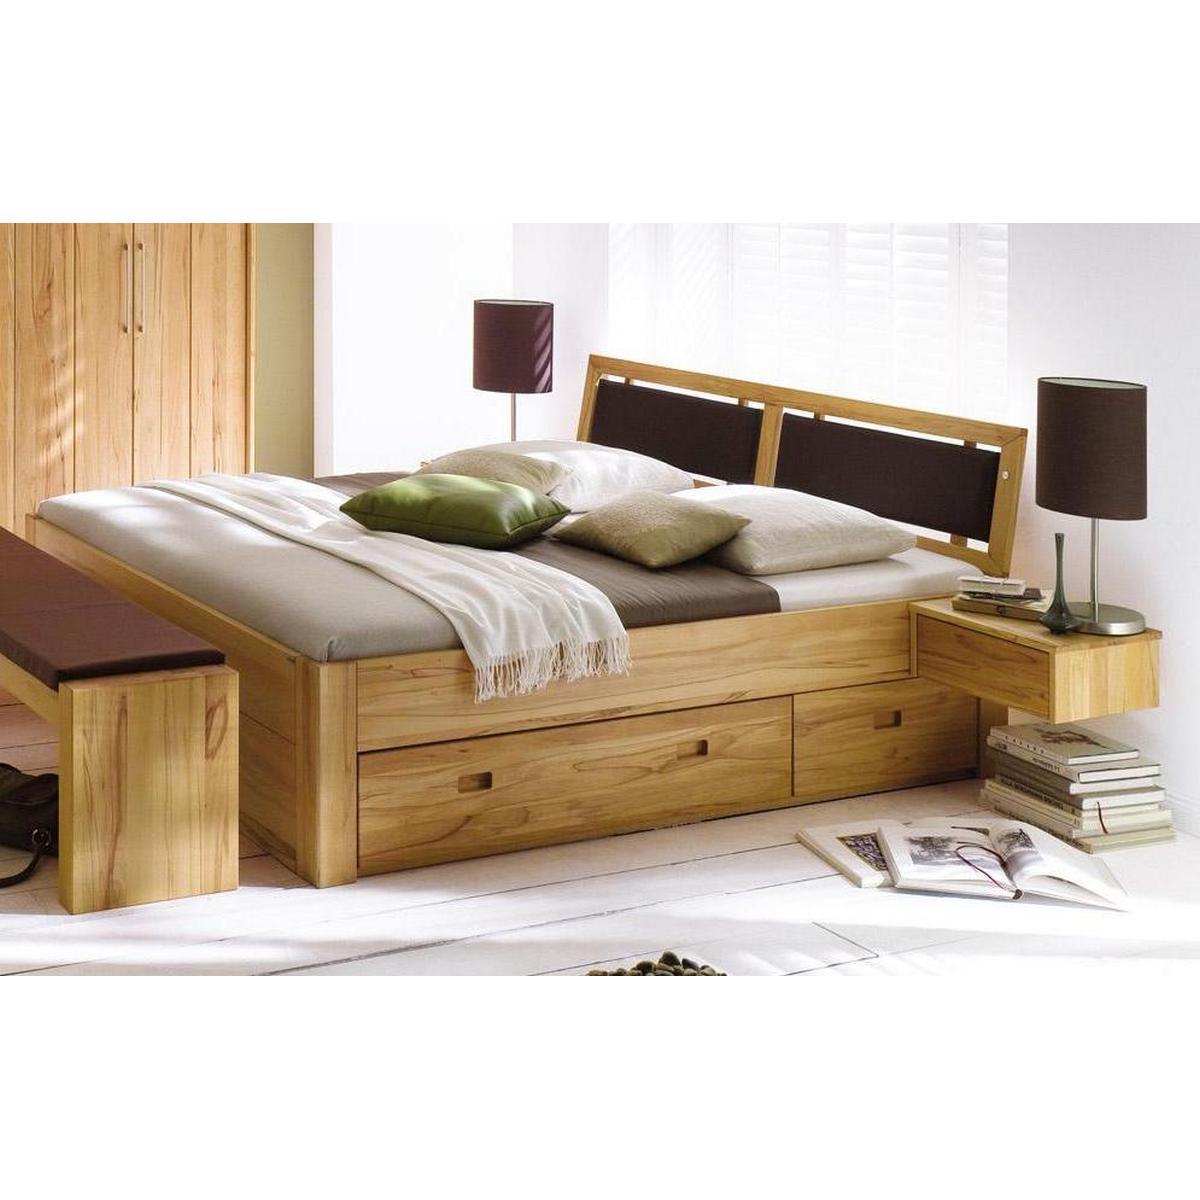 sitzbank schlafzimmer schweiz inspiration design raum und m bel f r ihre wohnkultur. Black Bedroom Furniture Sets. Home Design Ideas